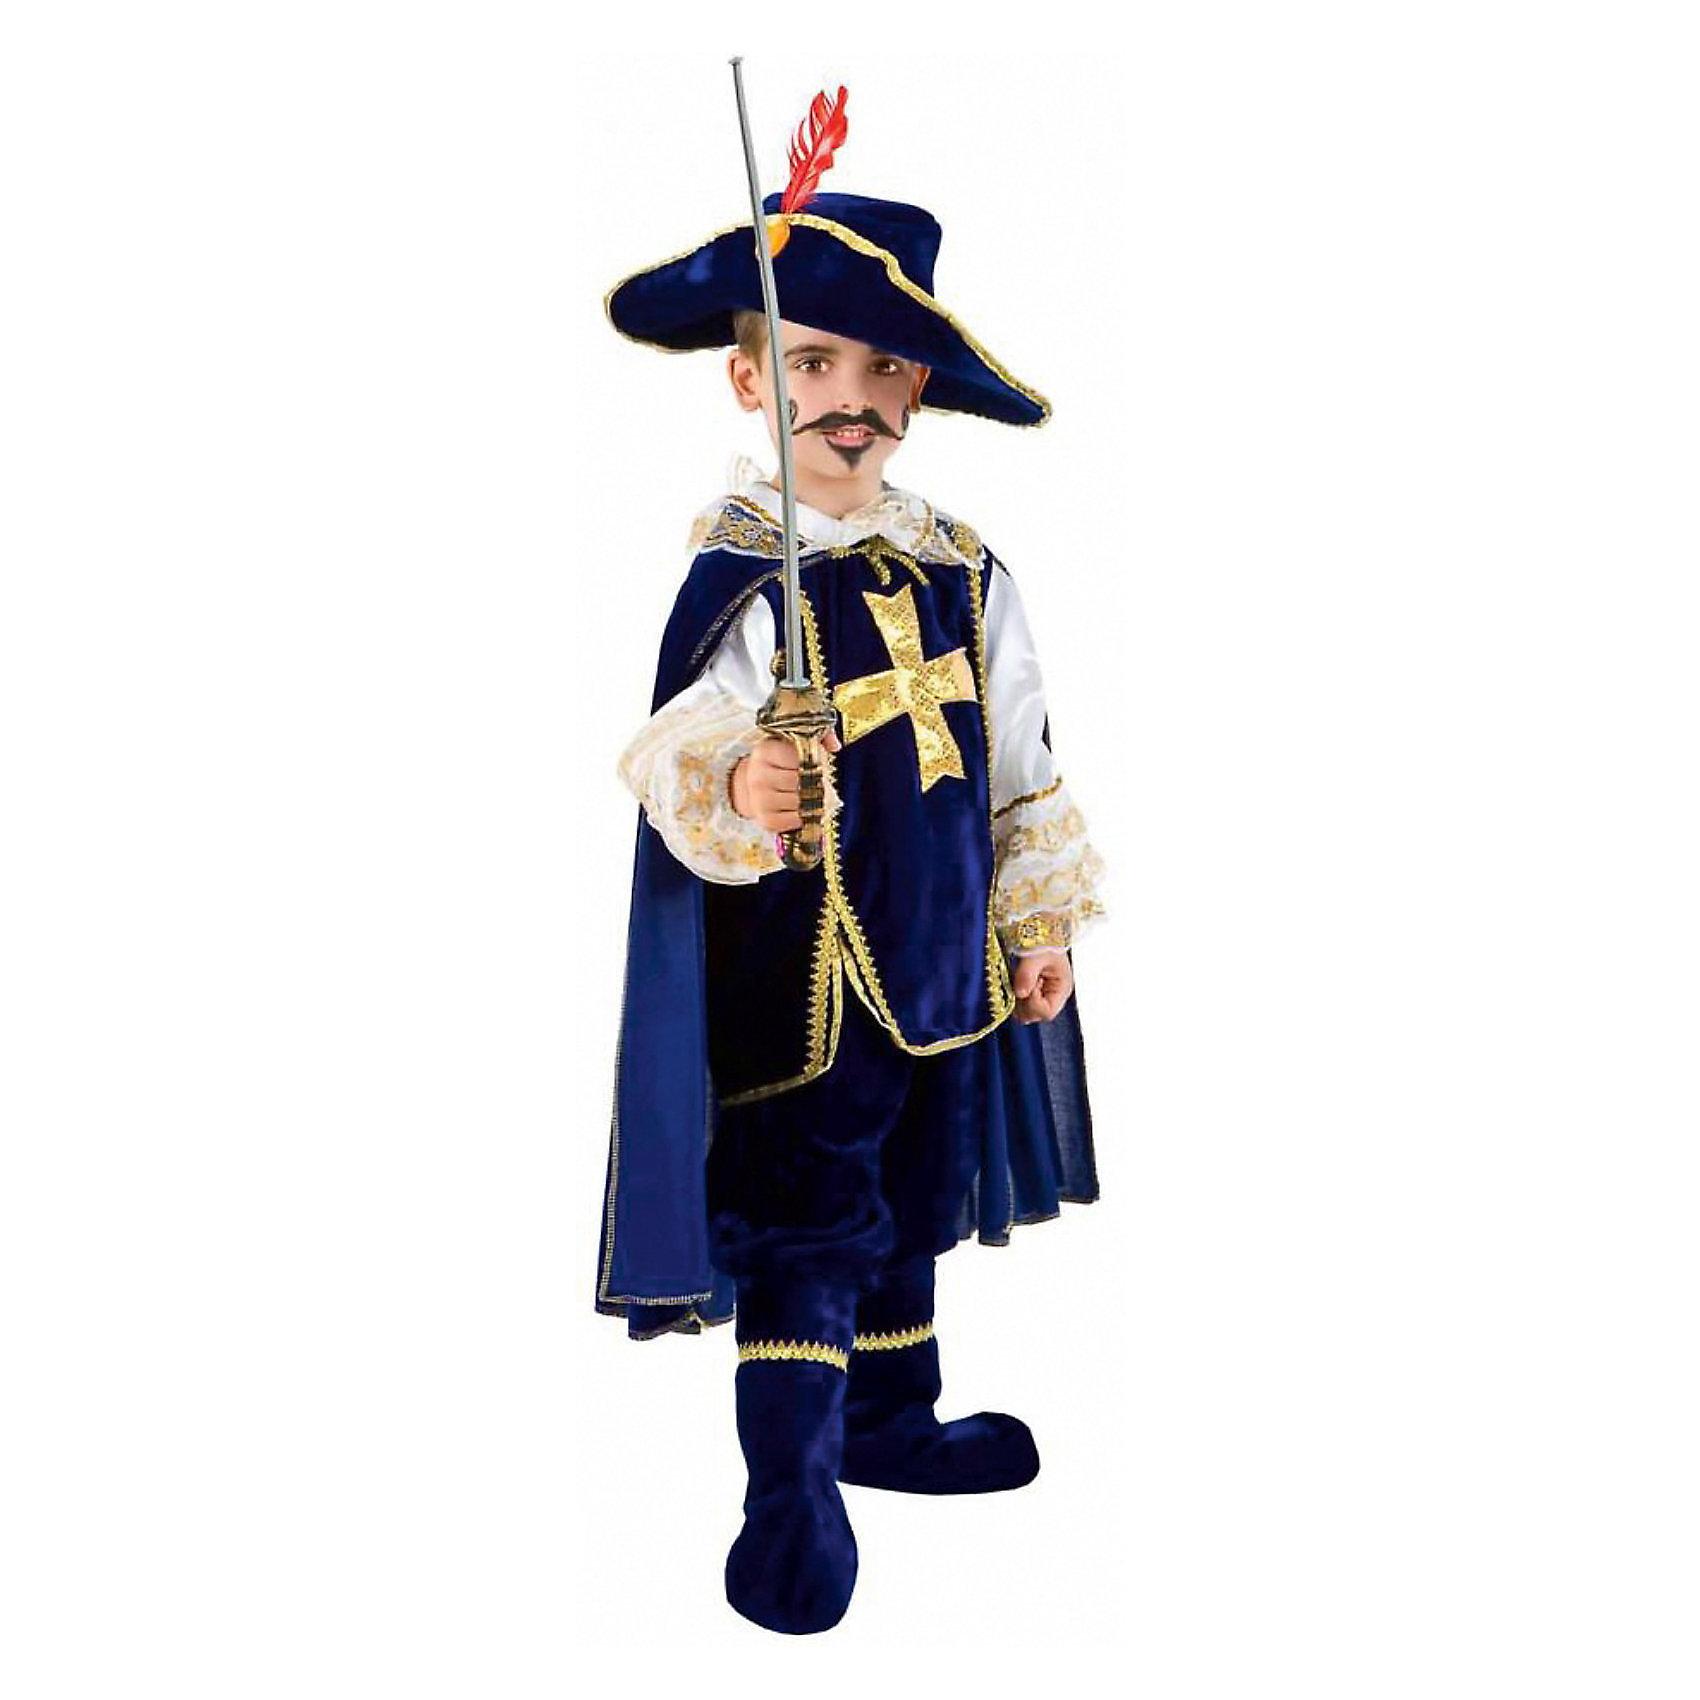 Карнавальный костюм Мушкетер, Veneziano